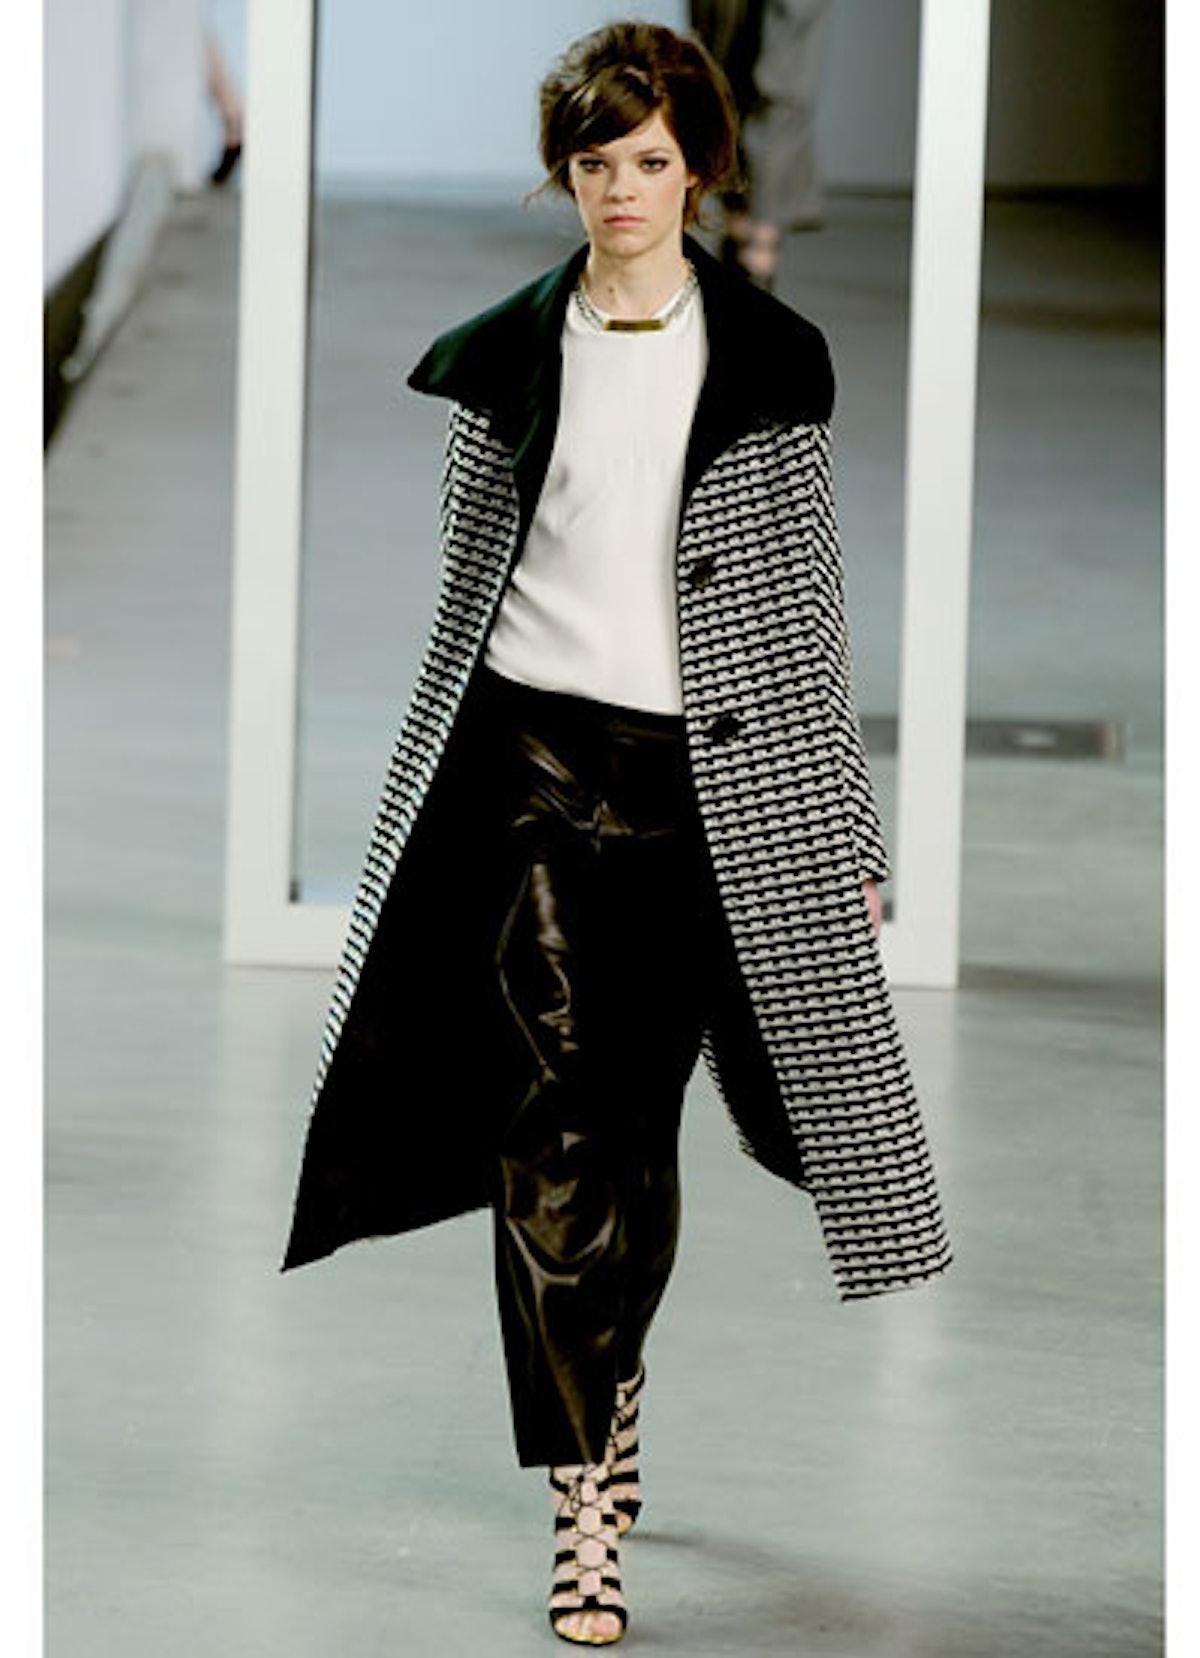 fass-fall-2012-fashion-roundup-04-v.jpg